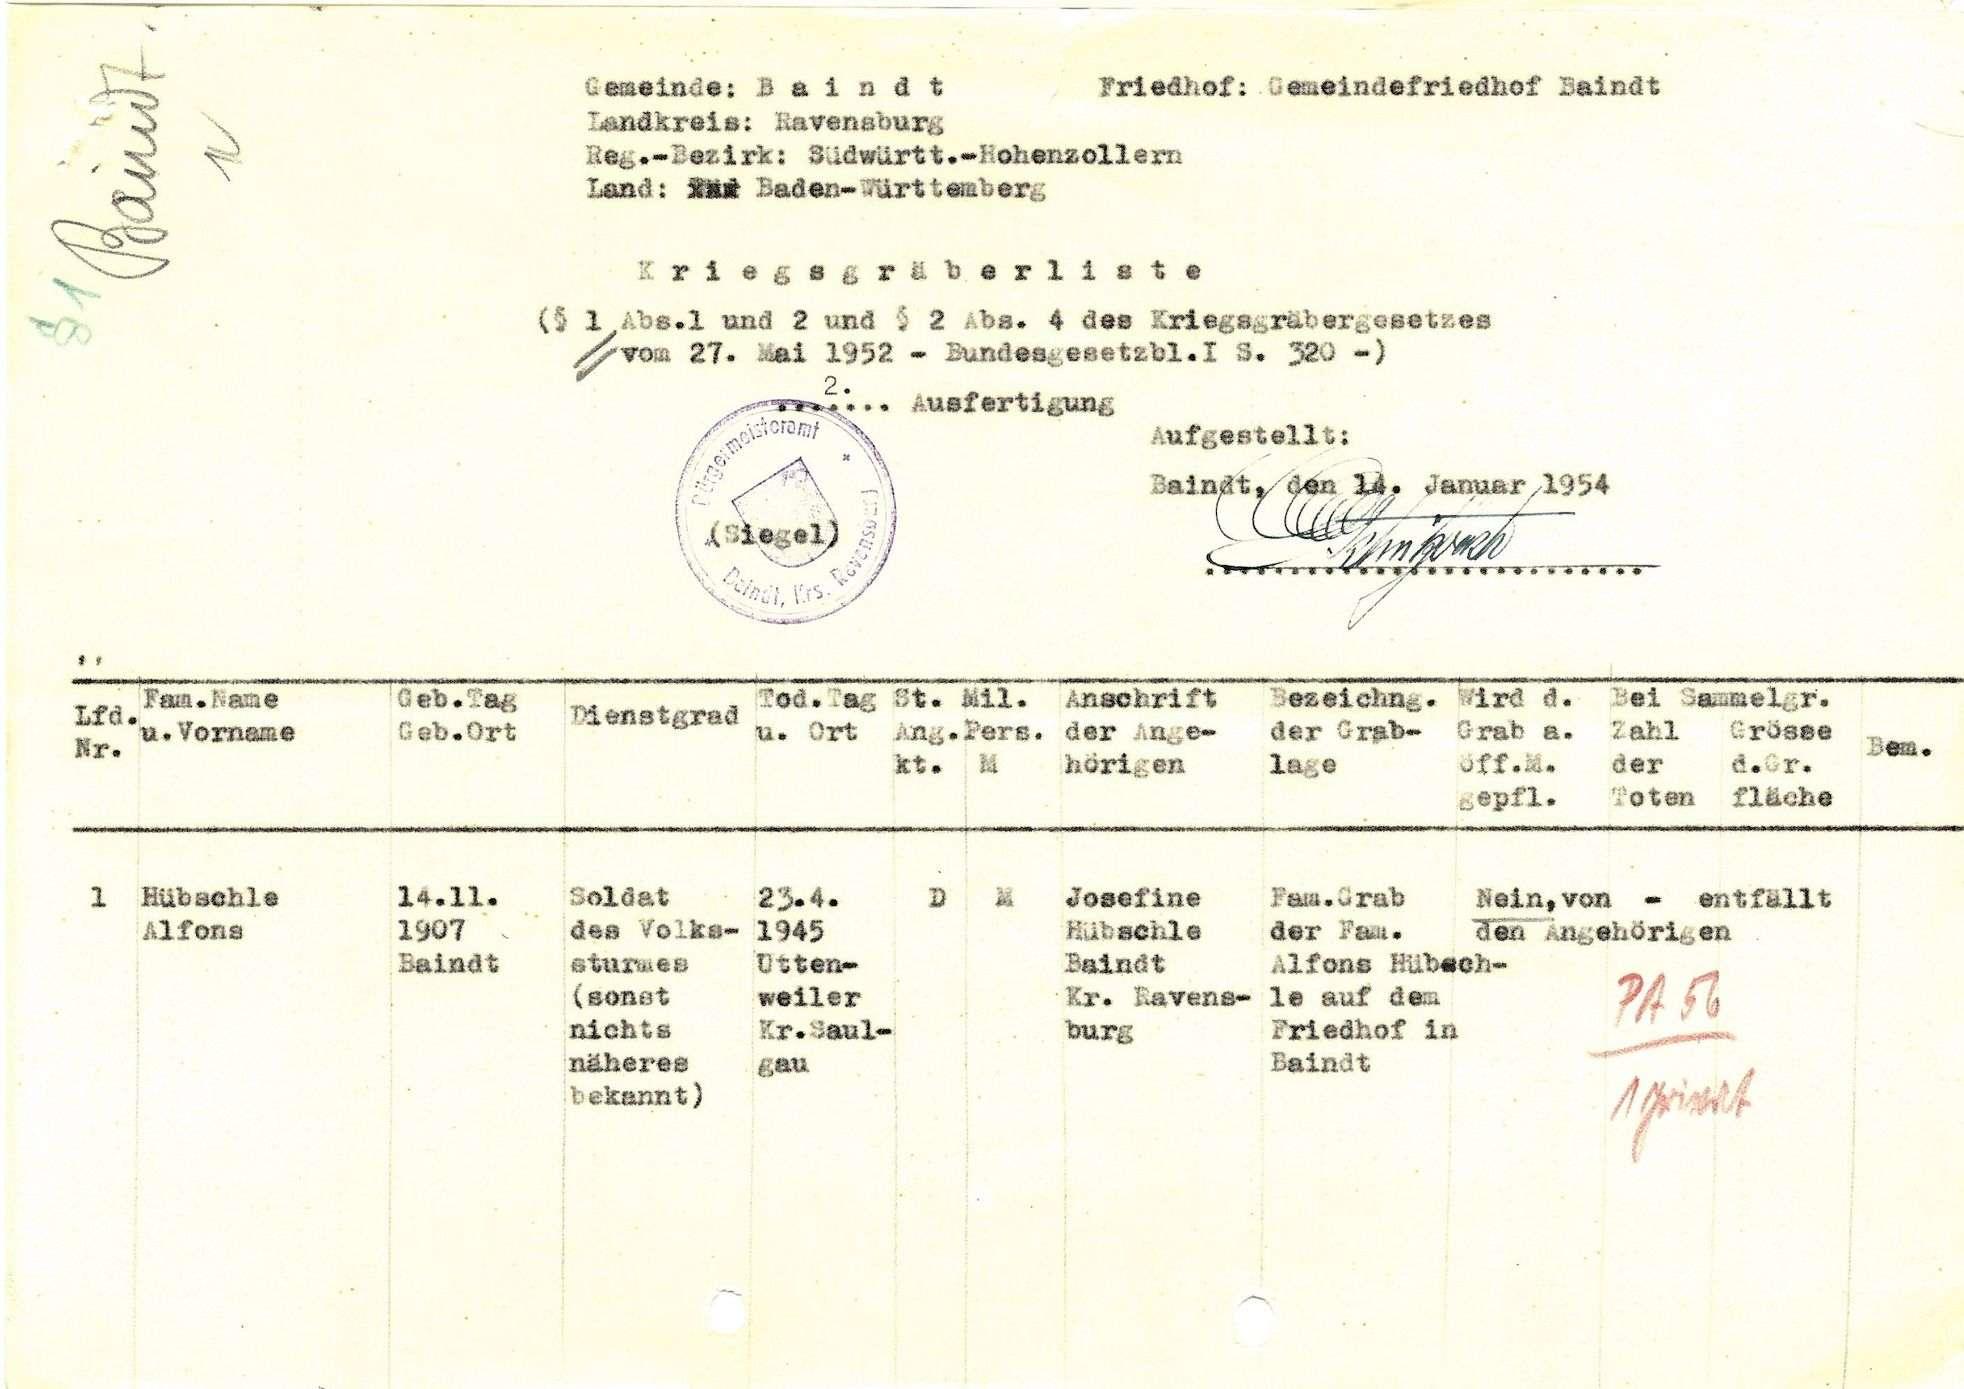 Baindt, Bild 3